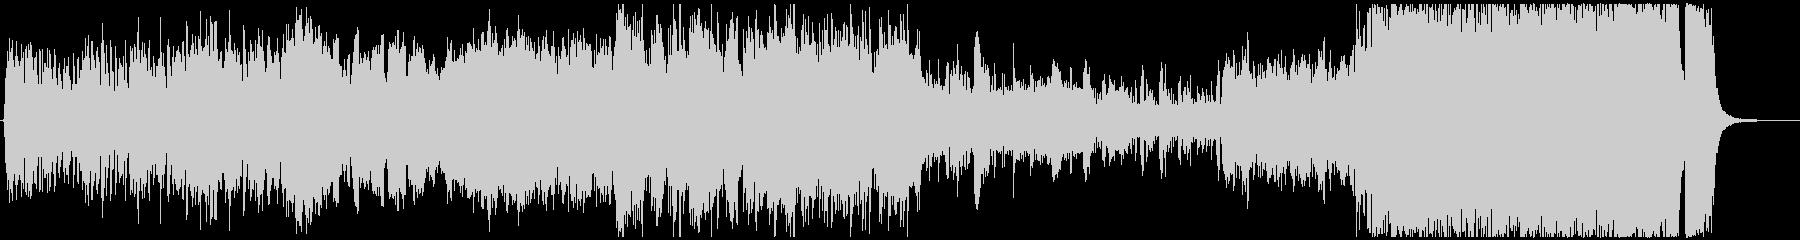 オーケストラ-希望-壮大な序奏の未再生の波形